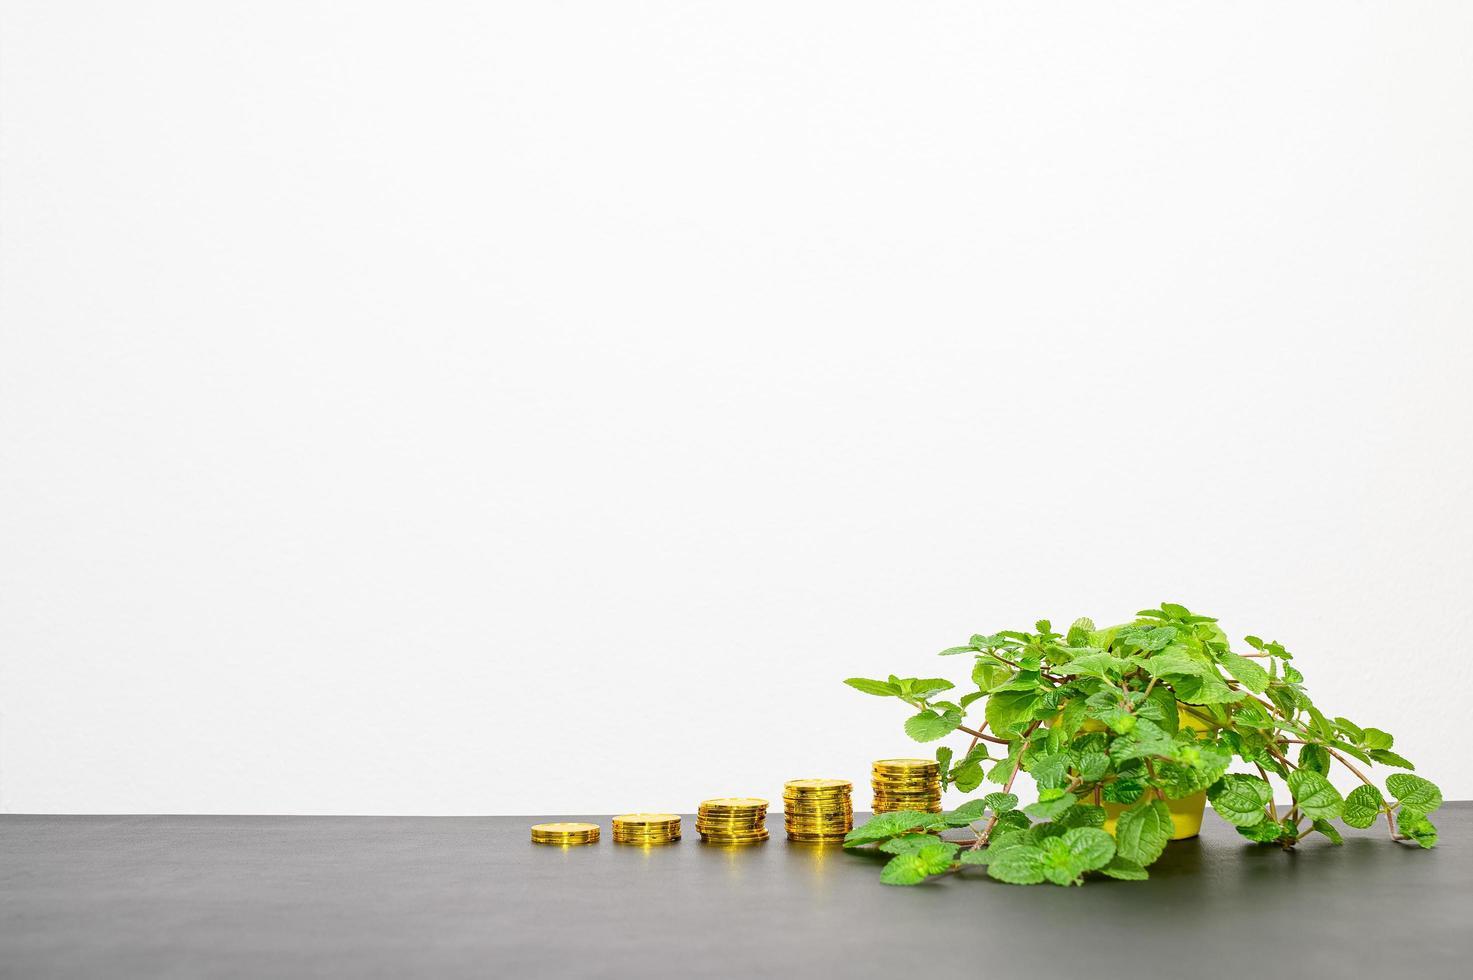 Konzept des finanziellen Wachstums foto